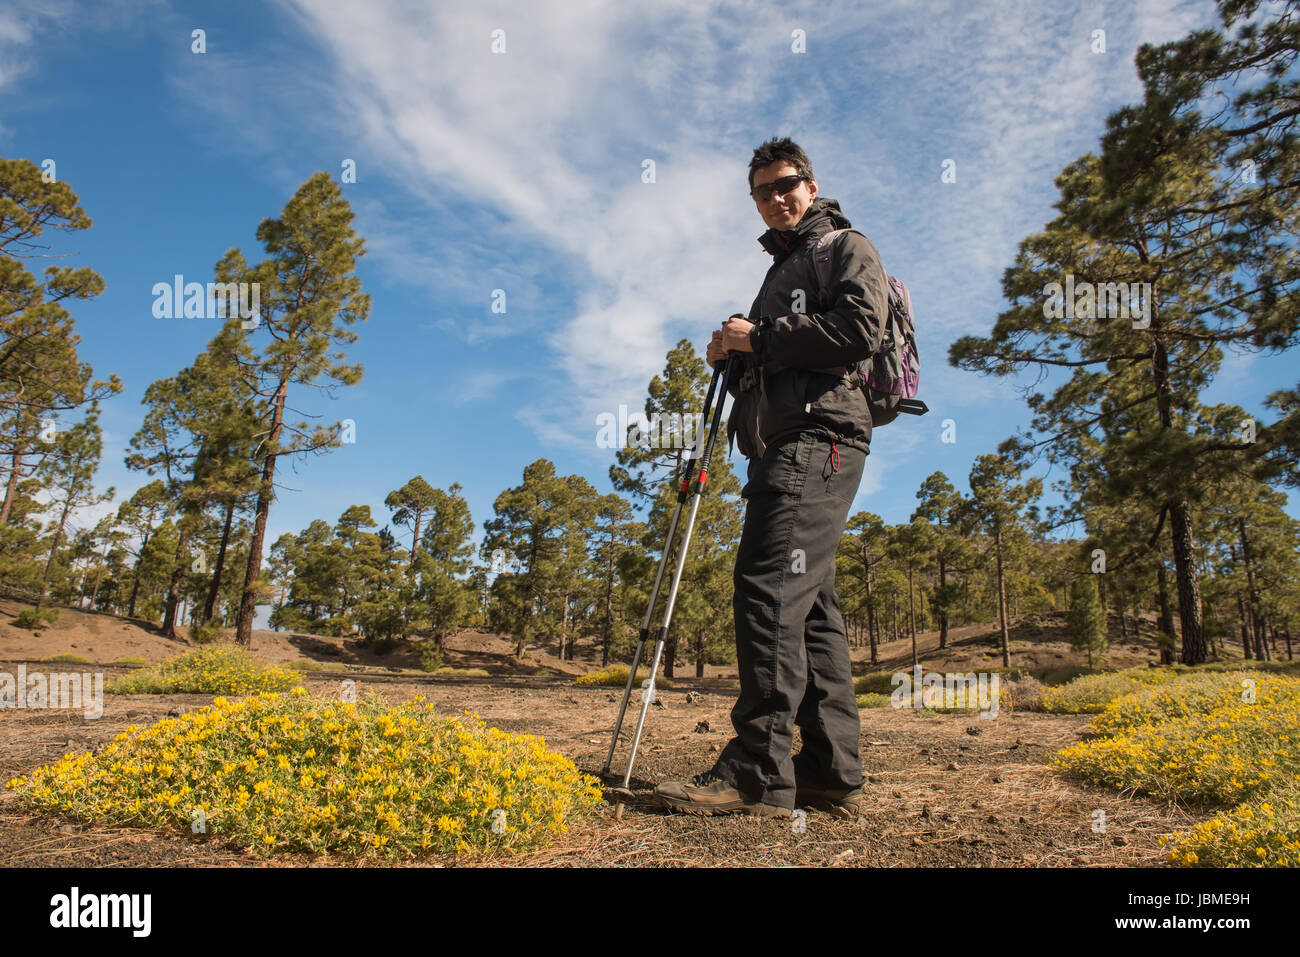 Caminante hombre senderismo en el bosque Tenefire, Canarias Imagen De Stock